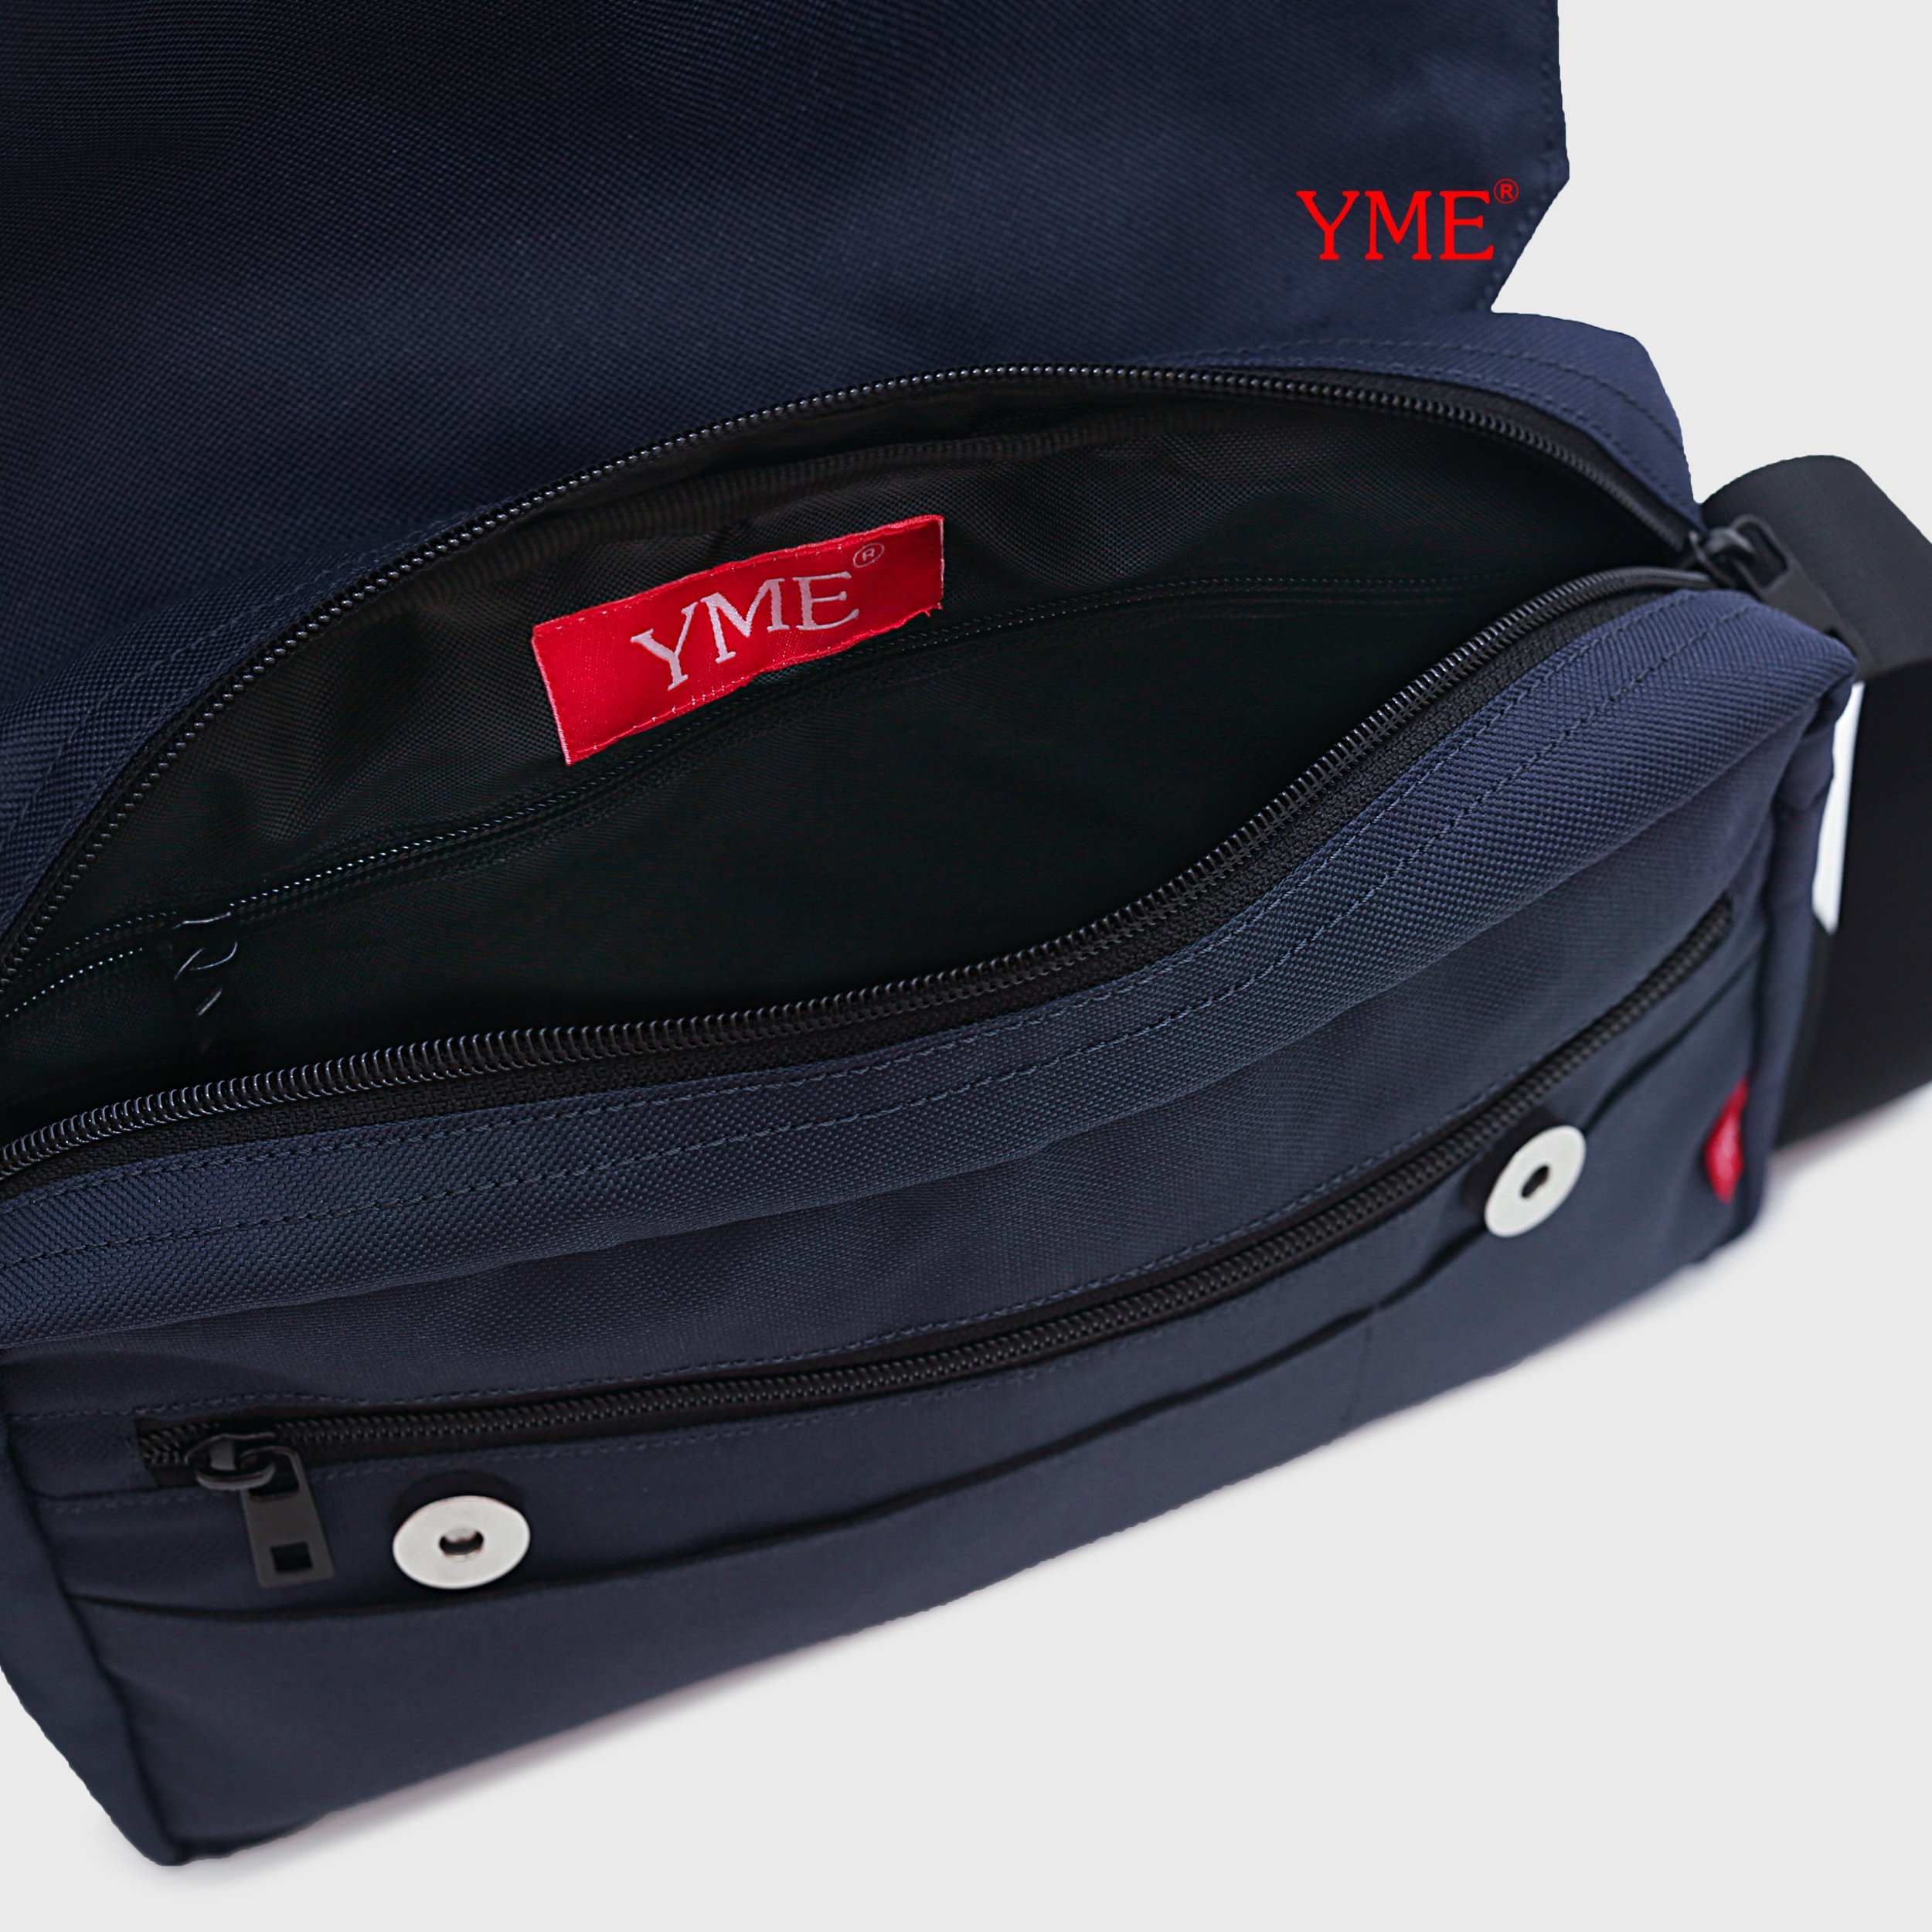 Túi đeo chéo thời trang năng động cho cả nam và nữ